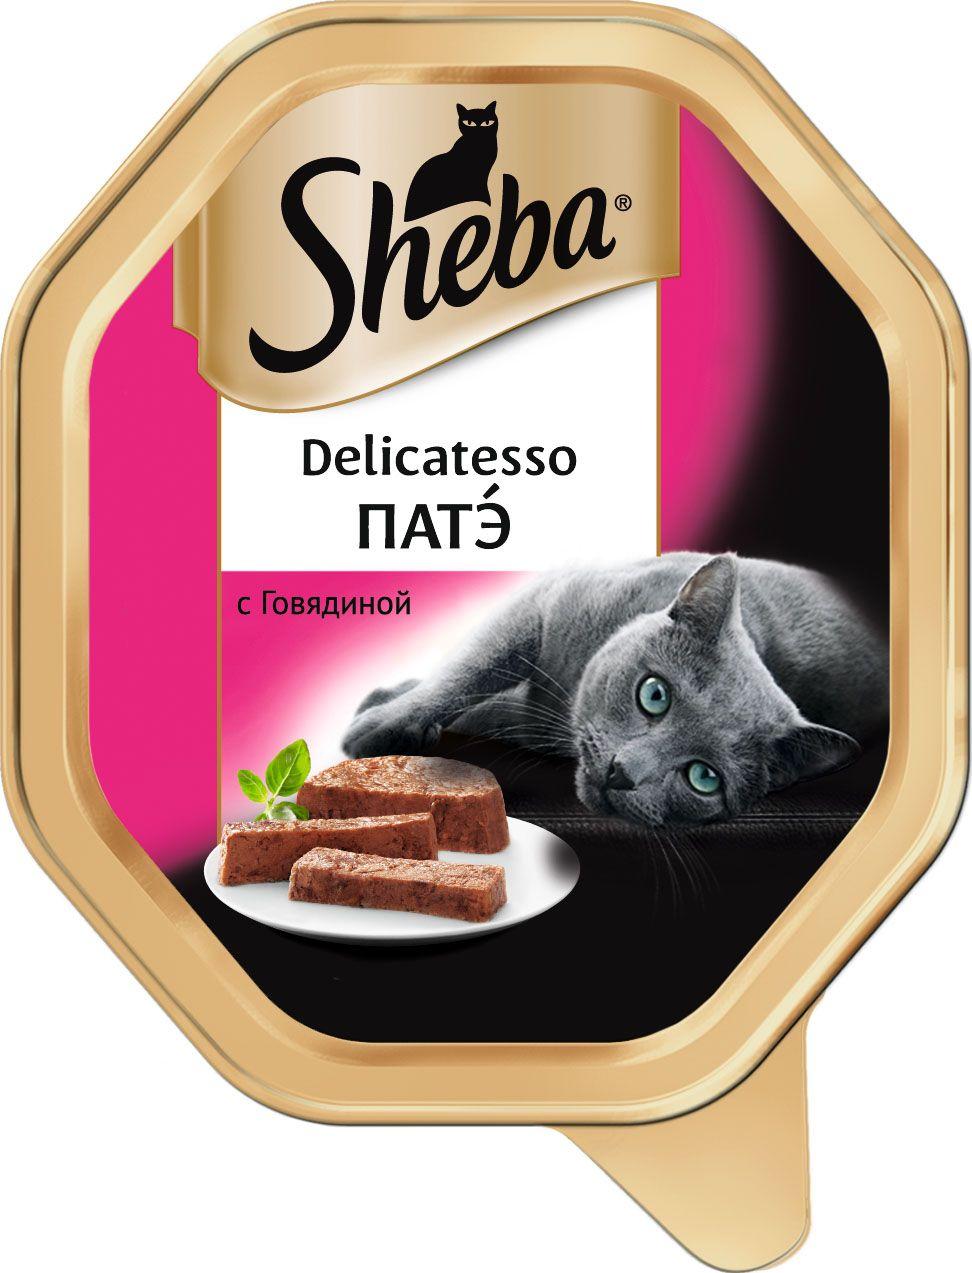 Корм консервированный Sheba Delicatesso, для взрослых кошек, от 1 года, патэ с говядиной, 85 г80543Что выберет ваша кошка сегодня – патэ или фрикассе? Встречайте пленительную новинку от Sheba - Delicatesso! Насыщенный мясной вкус и необычное сочетание паштета и мясных ломтиков не оставит вашу любимицу равнодушной, а особая сервировка подчеркнет все богатство вкуса изысканного деликатеса!